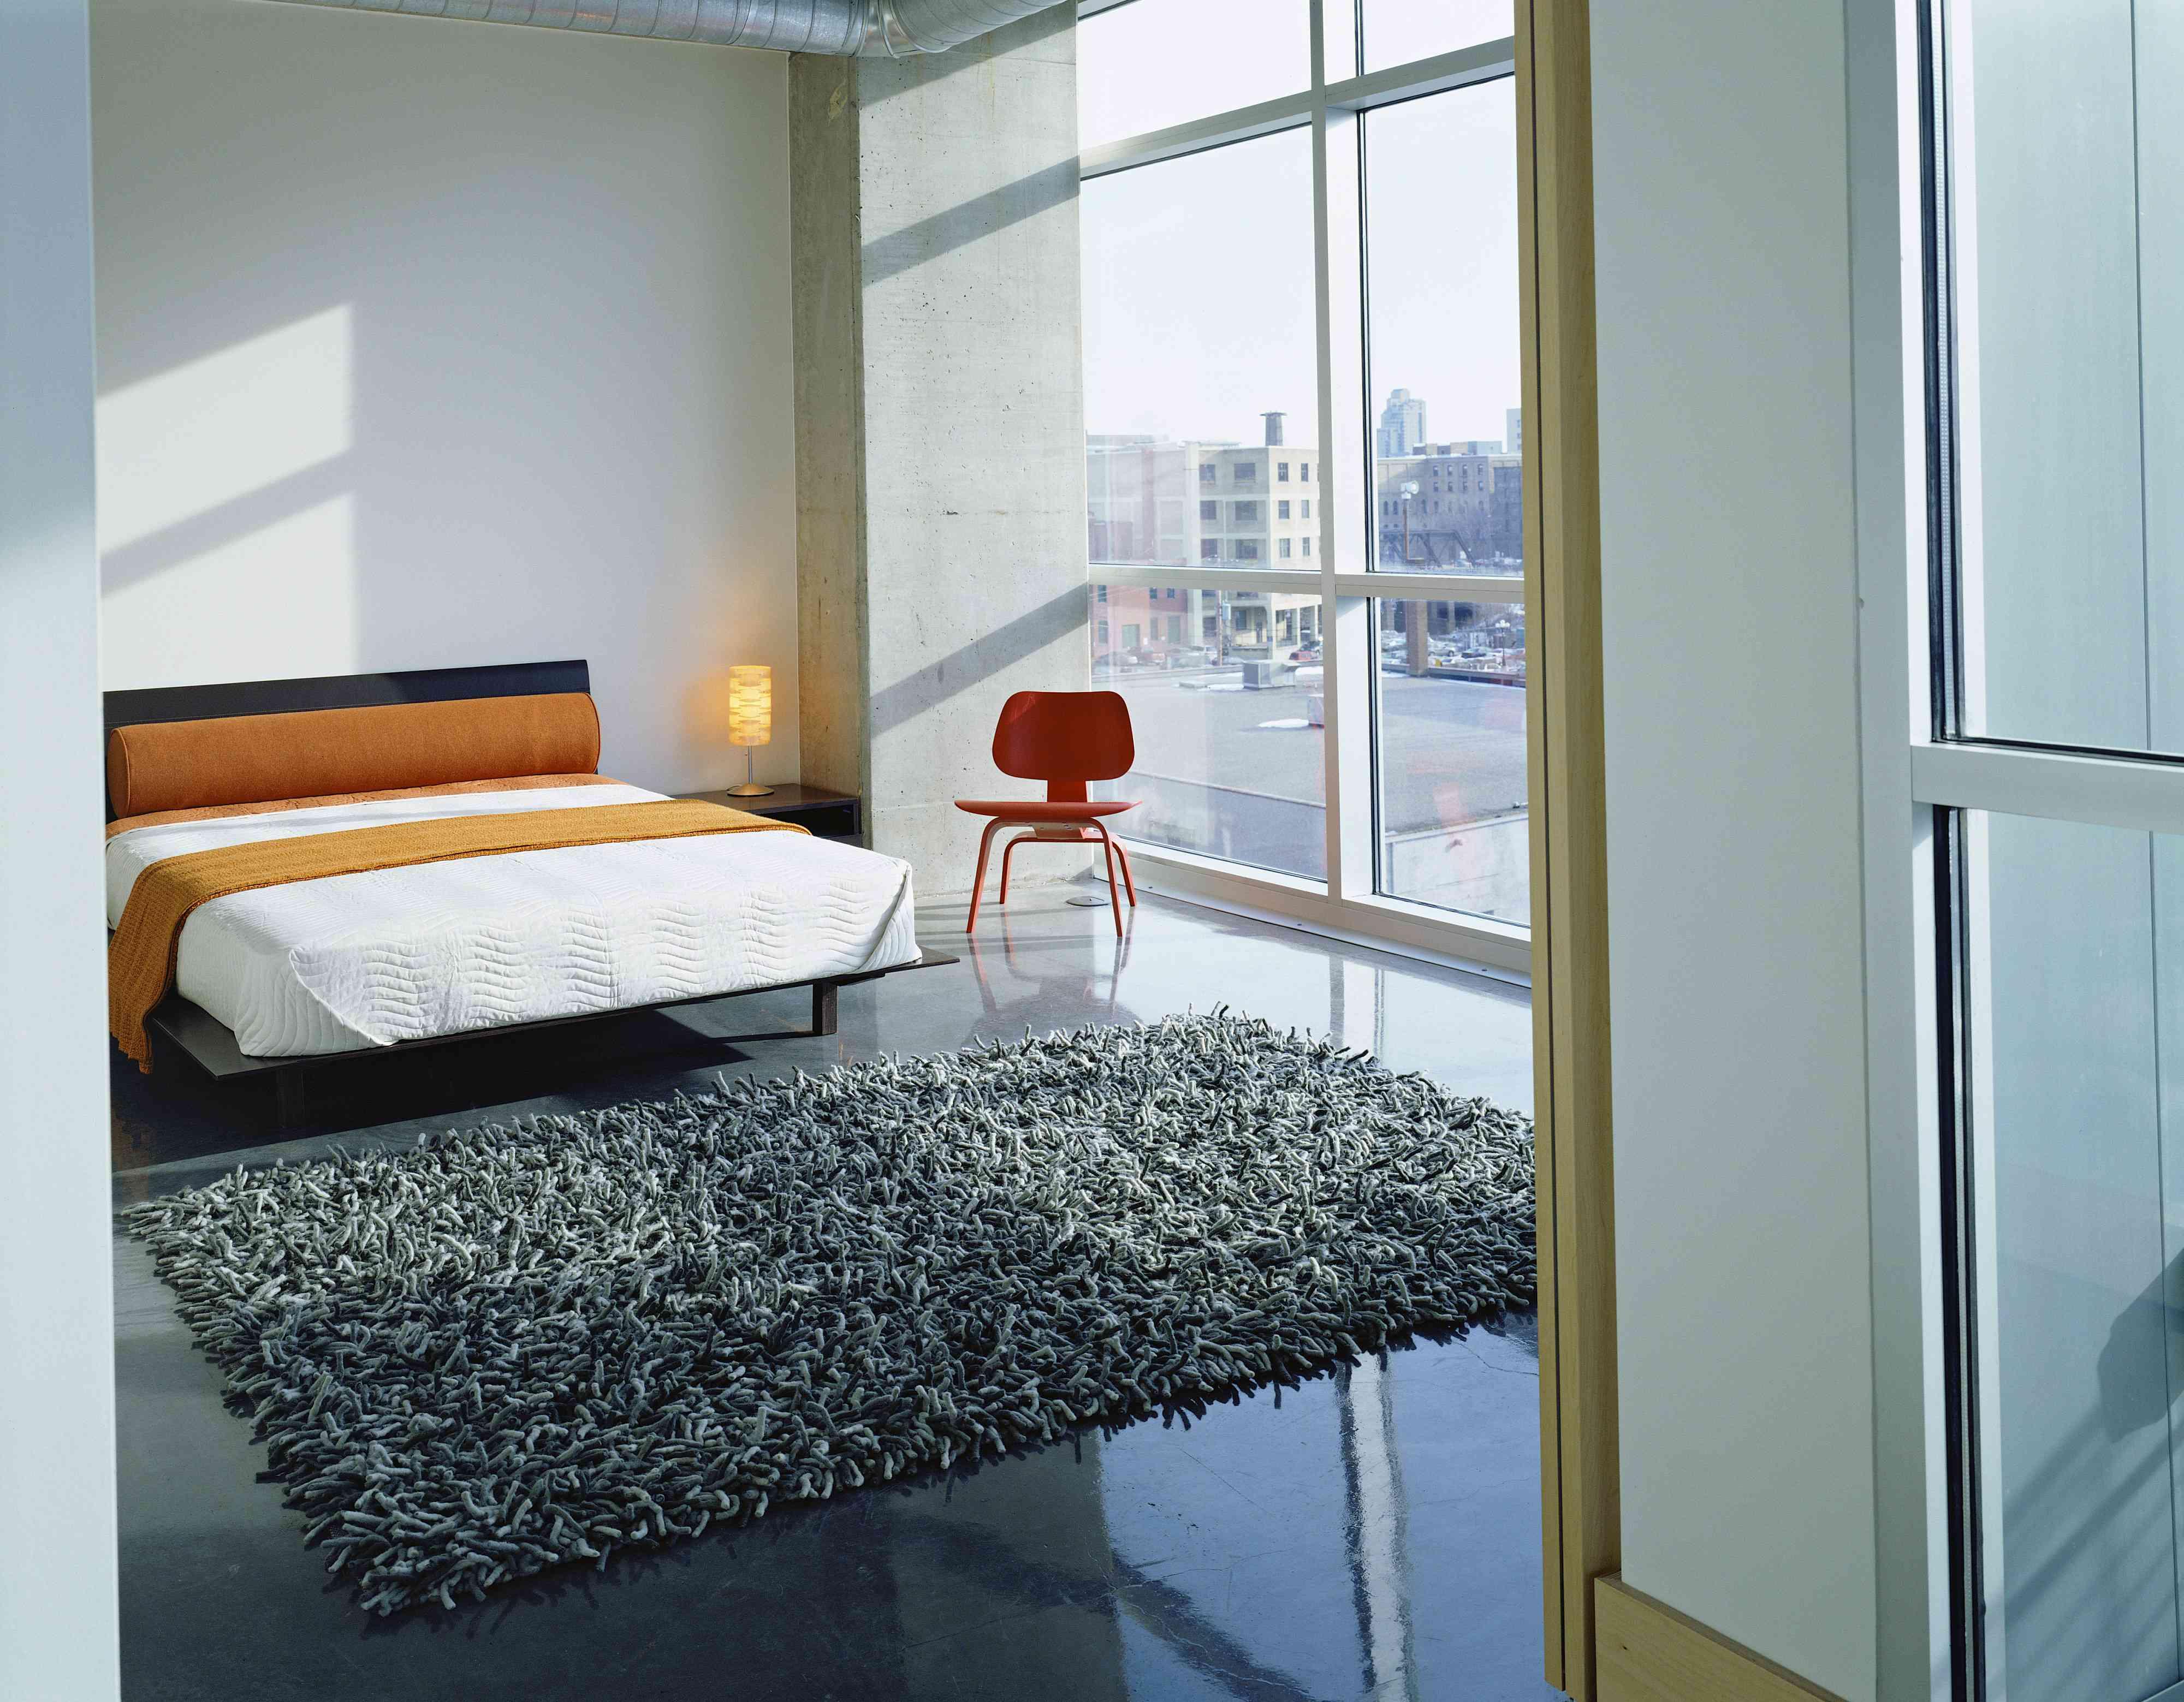 Gray shag area rug in contemporary urban bedroom